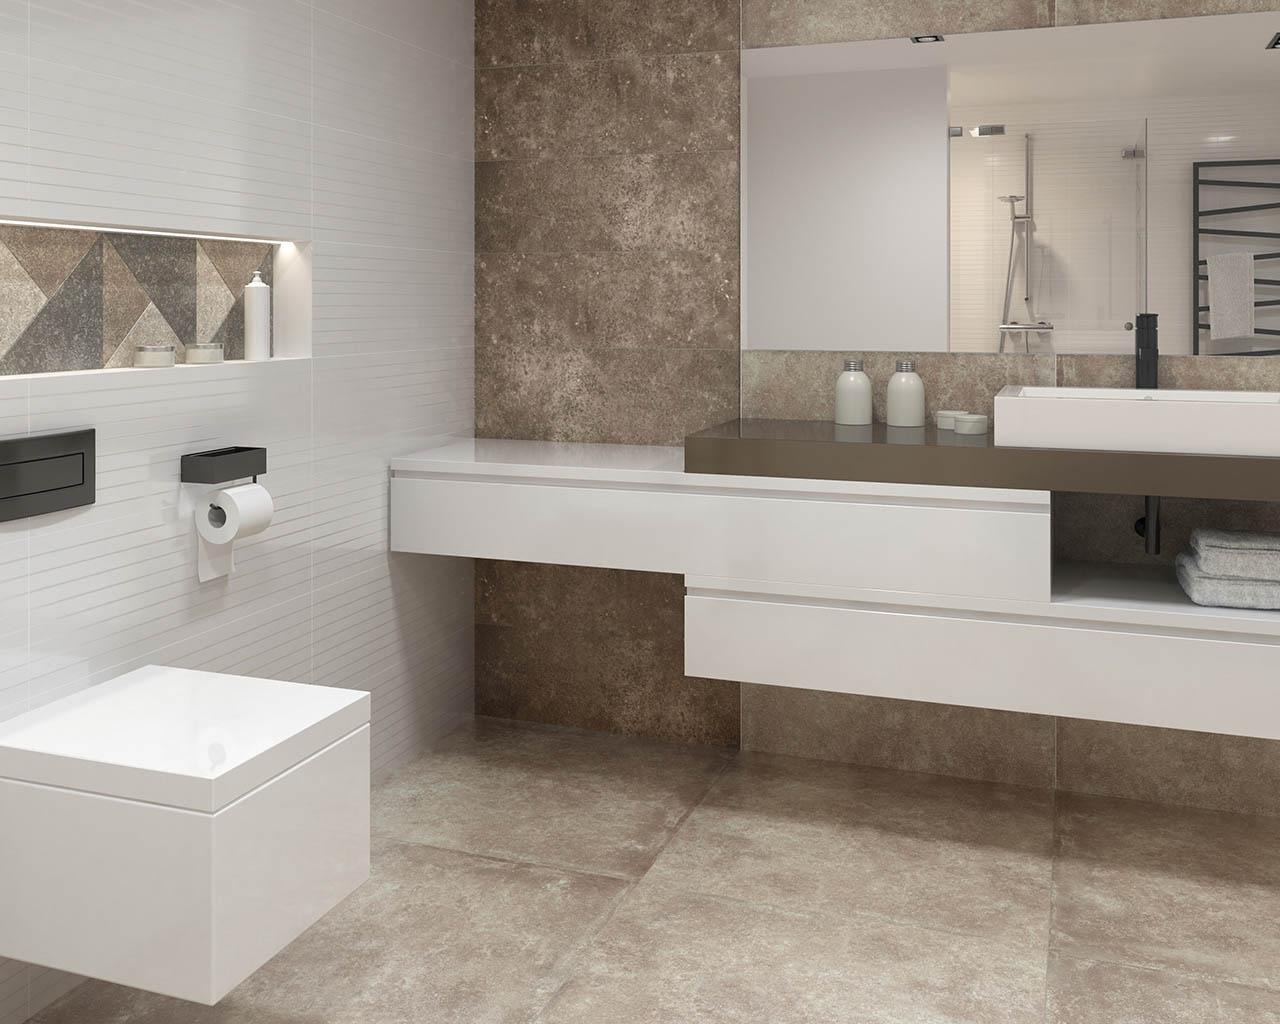 Industrialna łazienka w barwach popielatego brązu